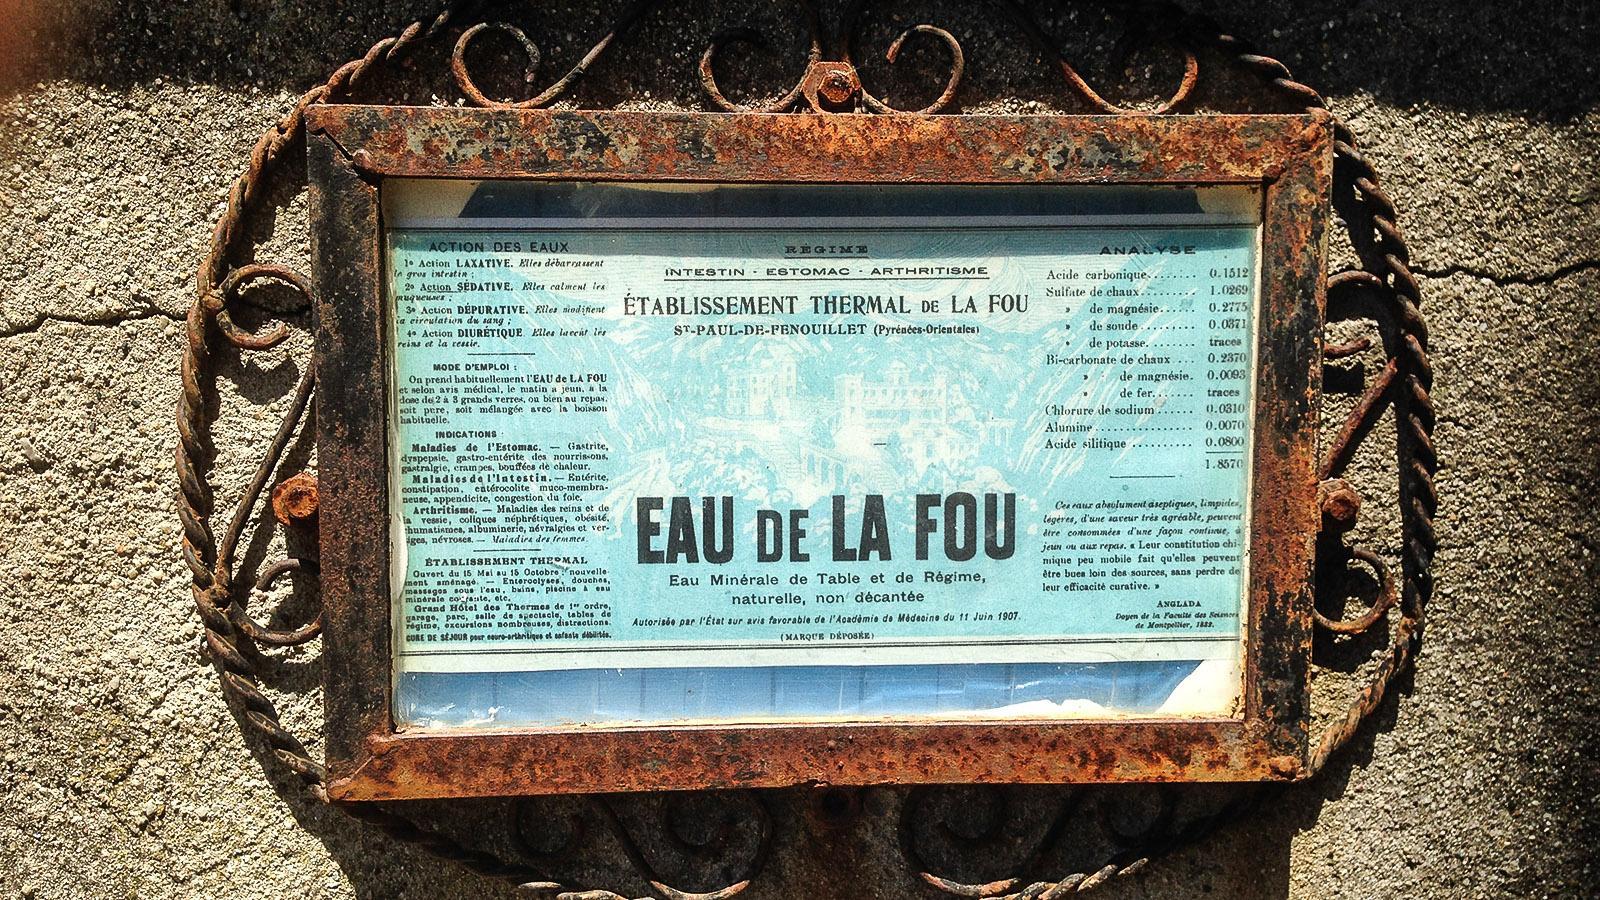 Das Thermalwasser von Saint-Paul-de-Fenouillet - so gesund ist es! Foto: Hilke Maunder